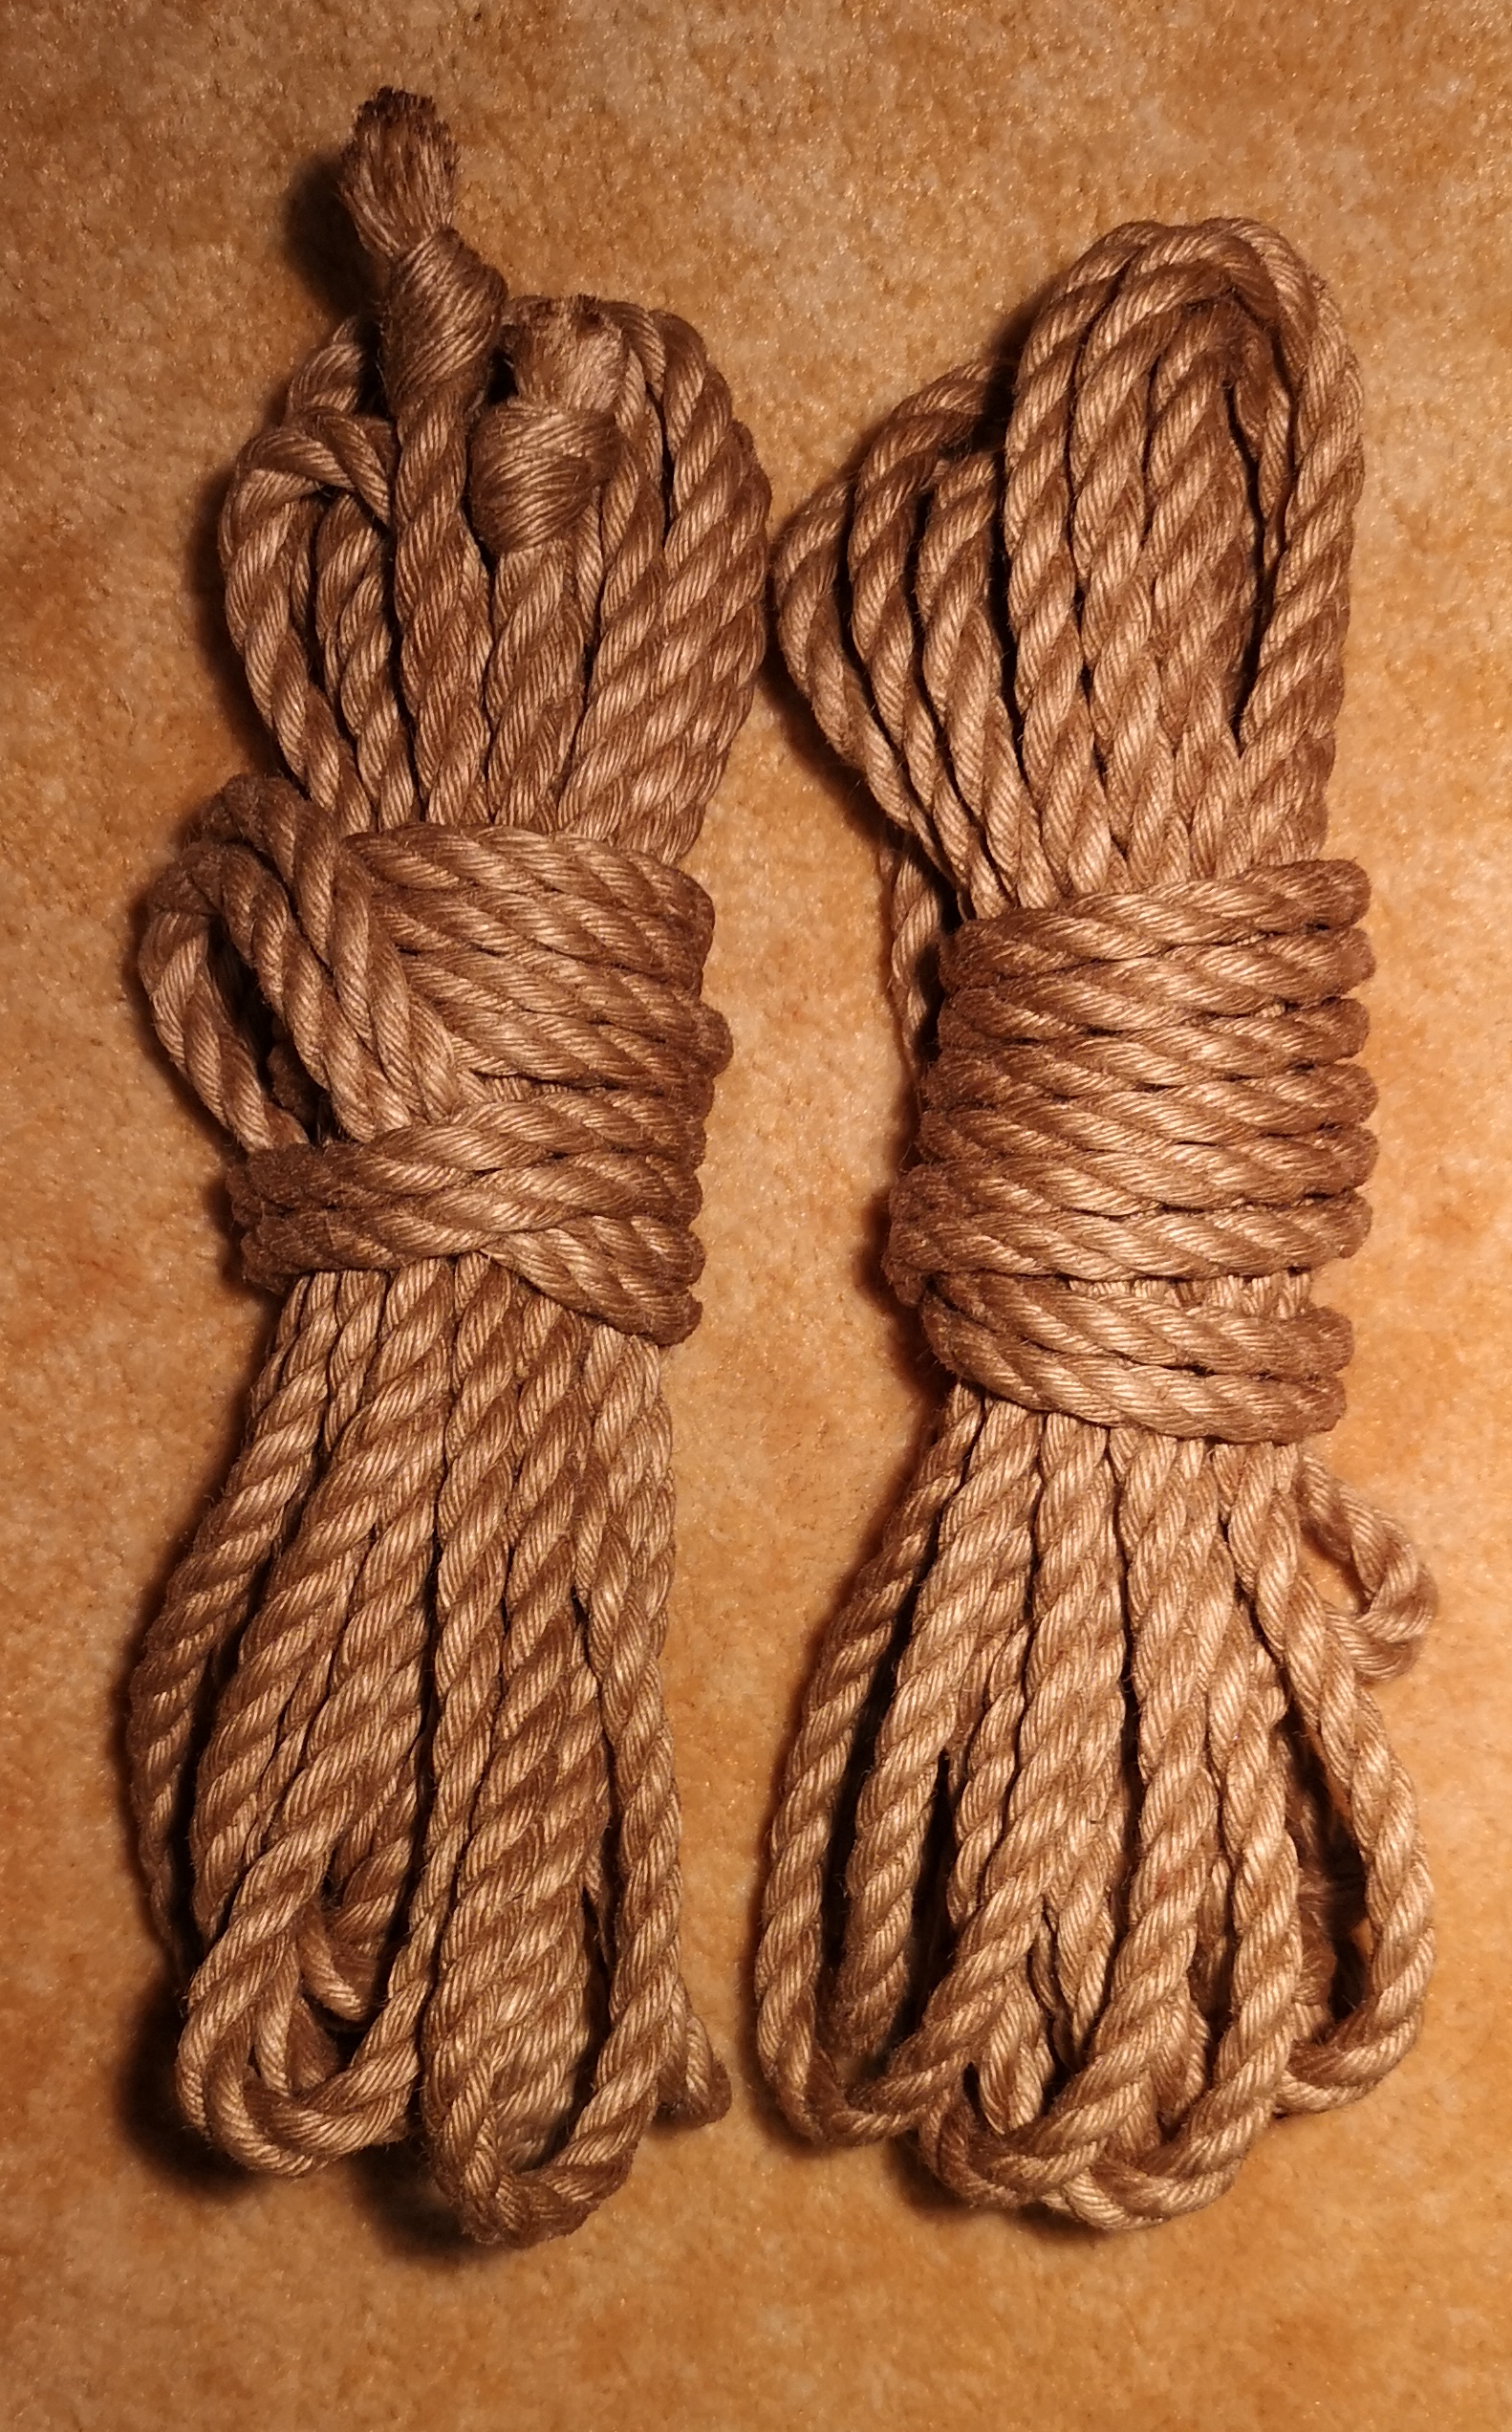 Prodej jutových provazů pro bondage - shibari/kinbaku - musí být speciálně upravené, aby byly příjemné.